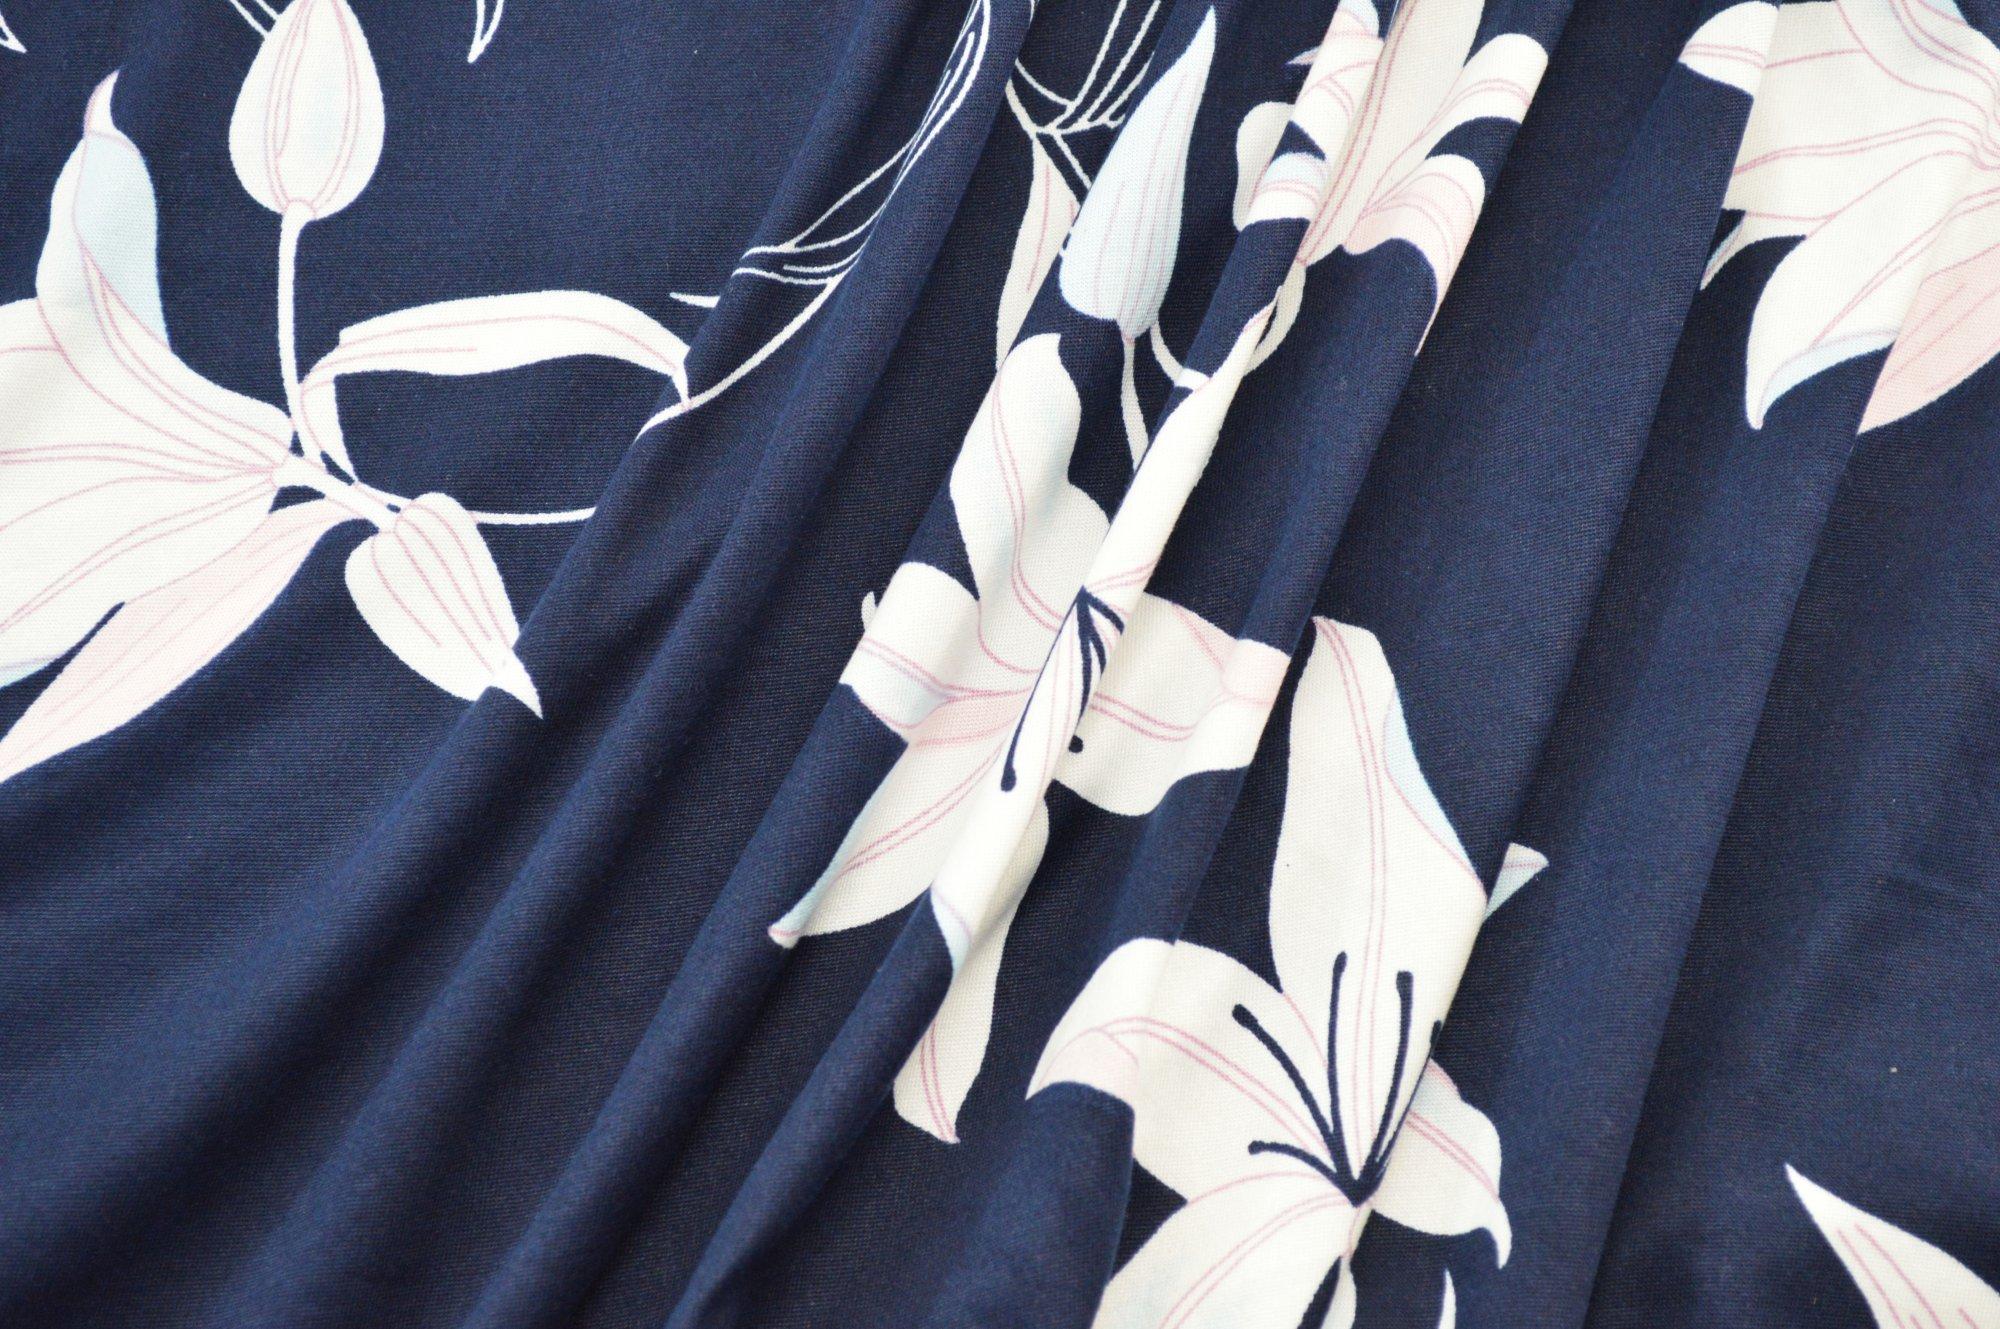 Single Brushed Translucent Floral on Navy